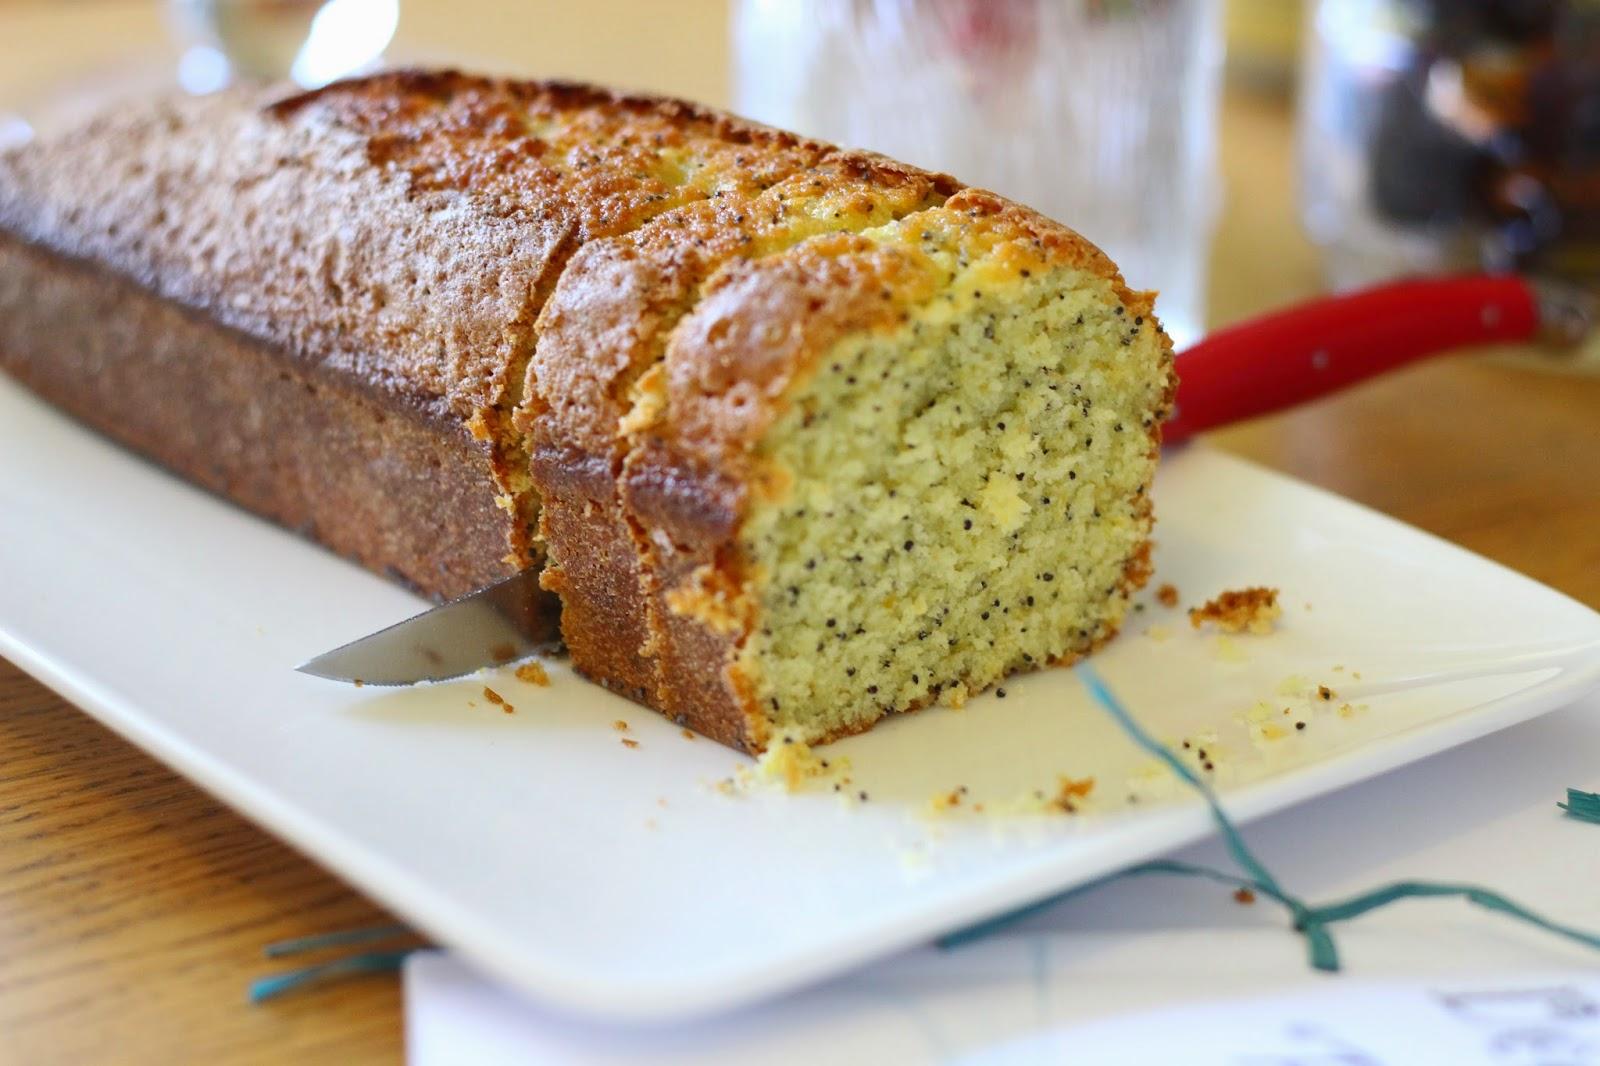 échange-découverte-papotage-goûter-cake-citron-pavot